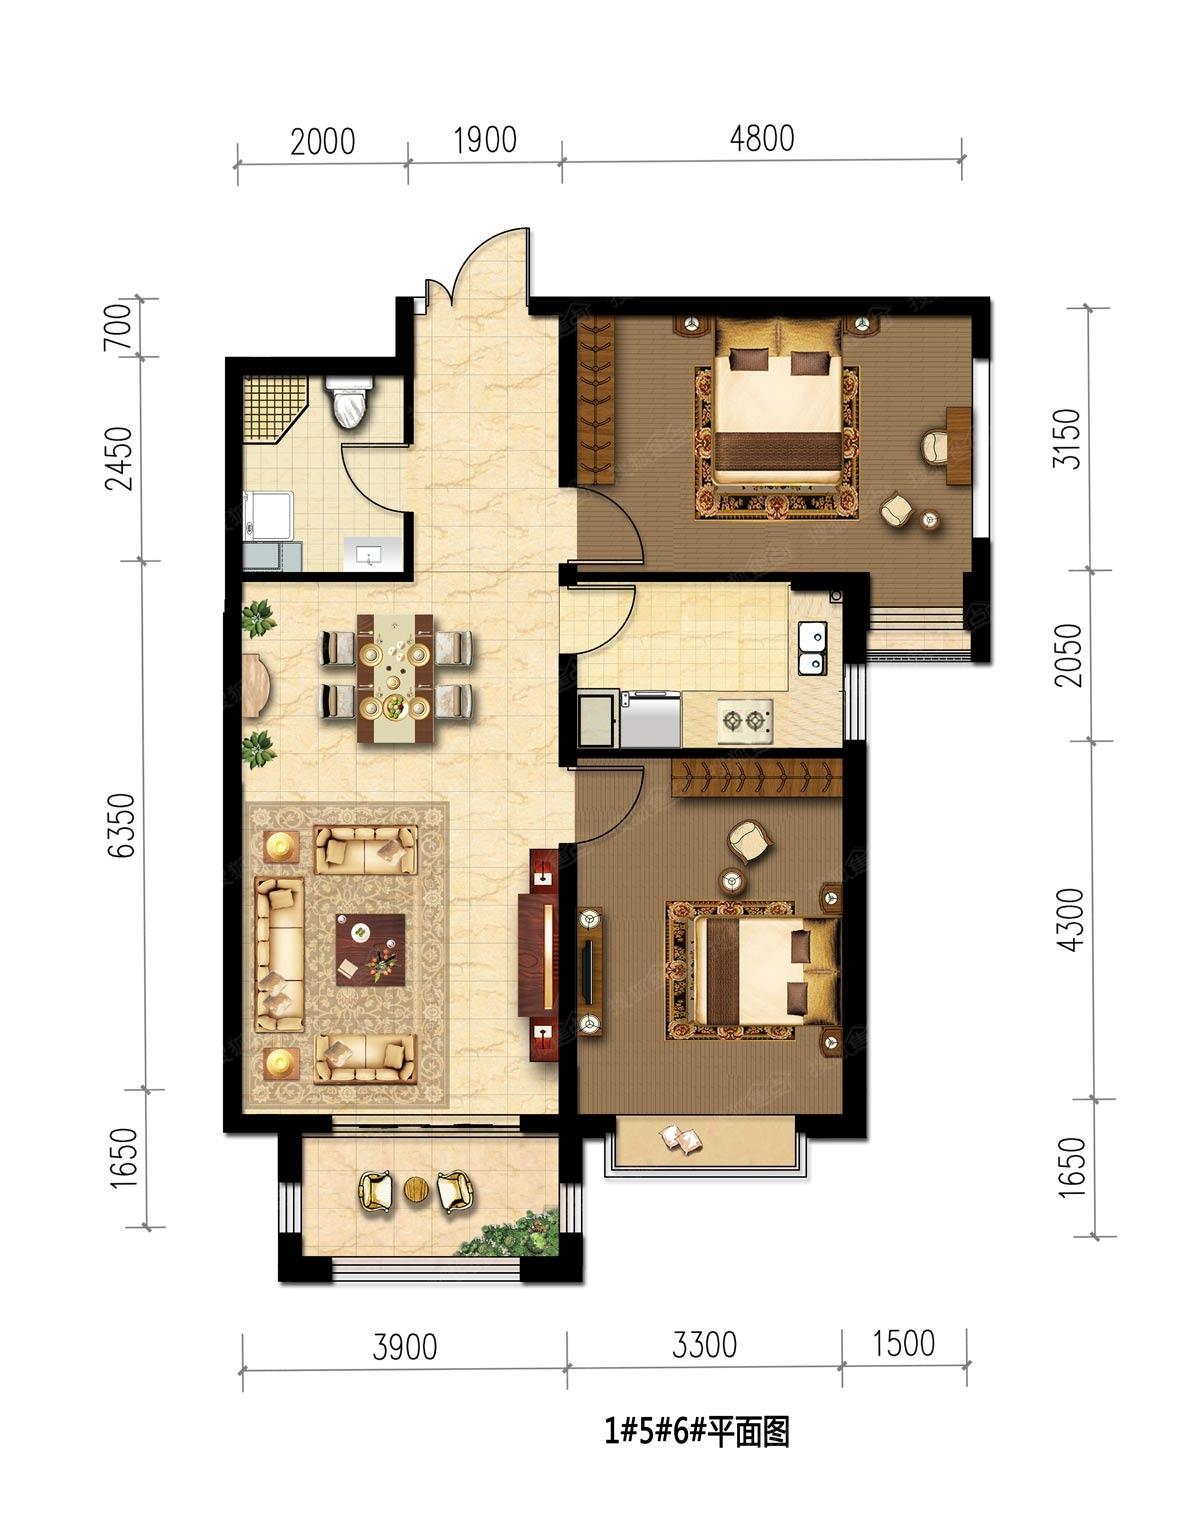 1,5,6號樓兩室兩廳一衛90平-2室2廳1衛-90m圖片